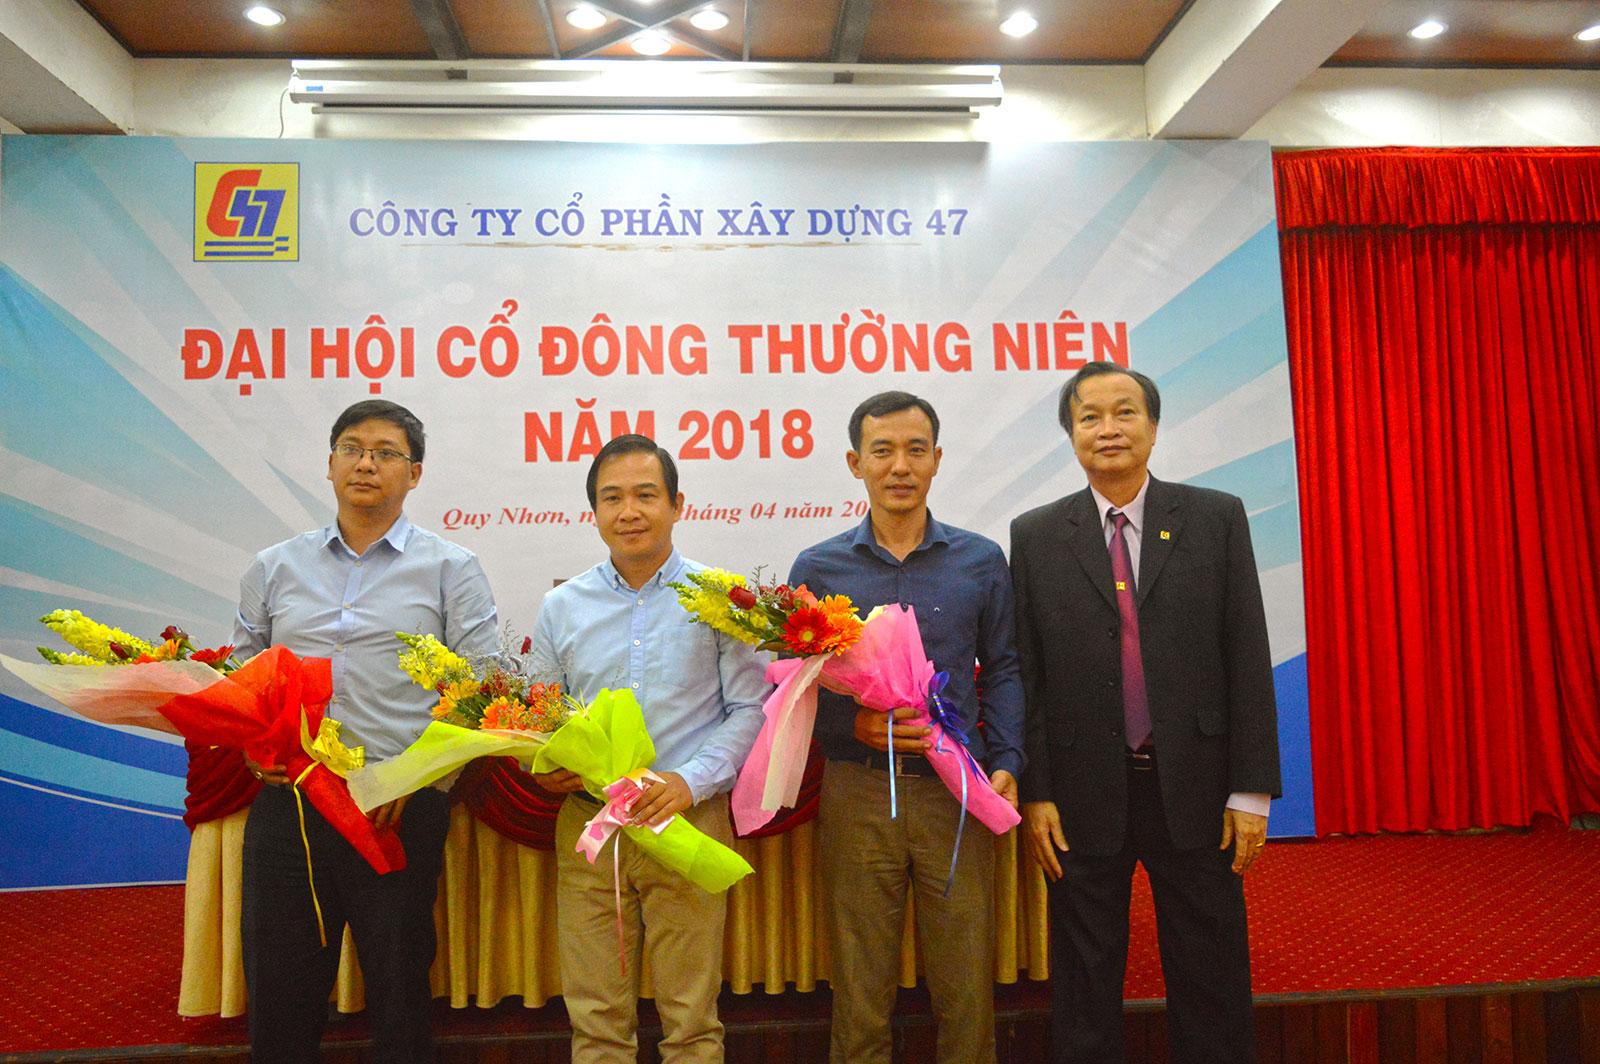 Từ bên trái sang vị trí đầu tiên là ông Võ Trọng HIếu, Ông Tạ Nam Bình, ông Lê Trung nam và ông Nguyễn Lương Am